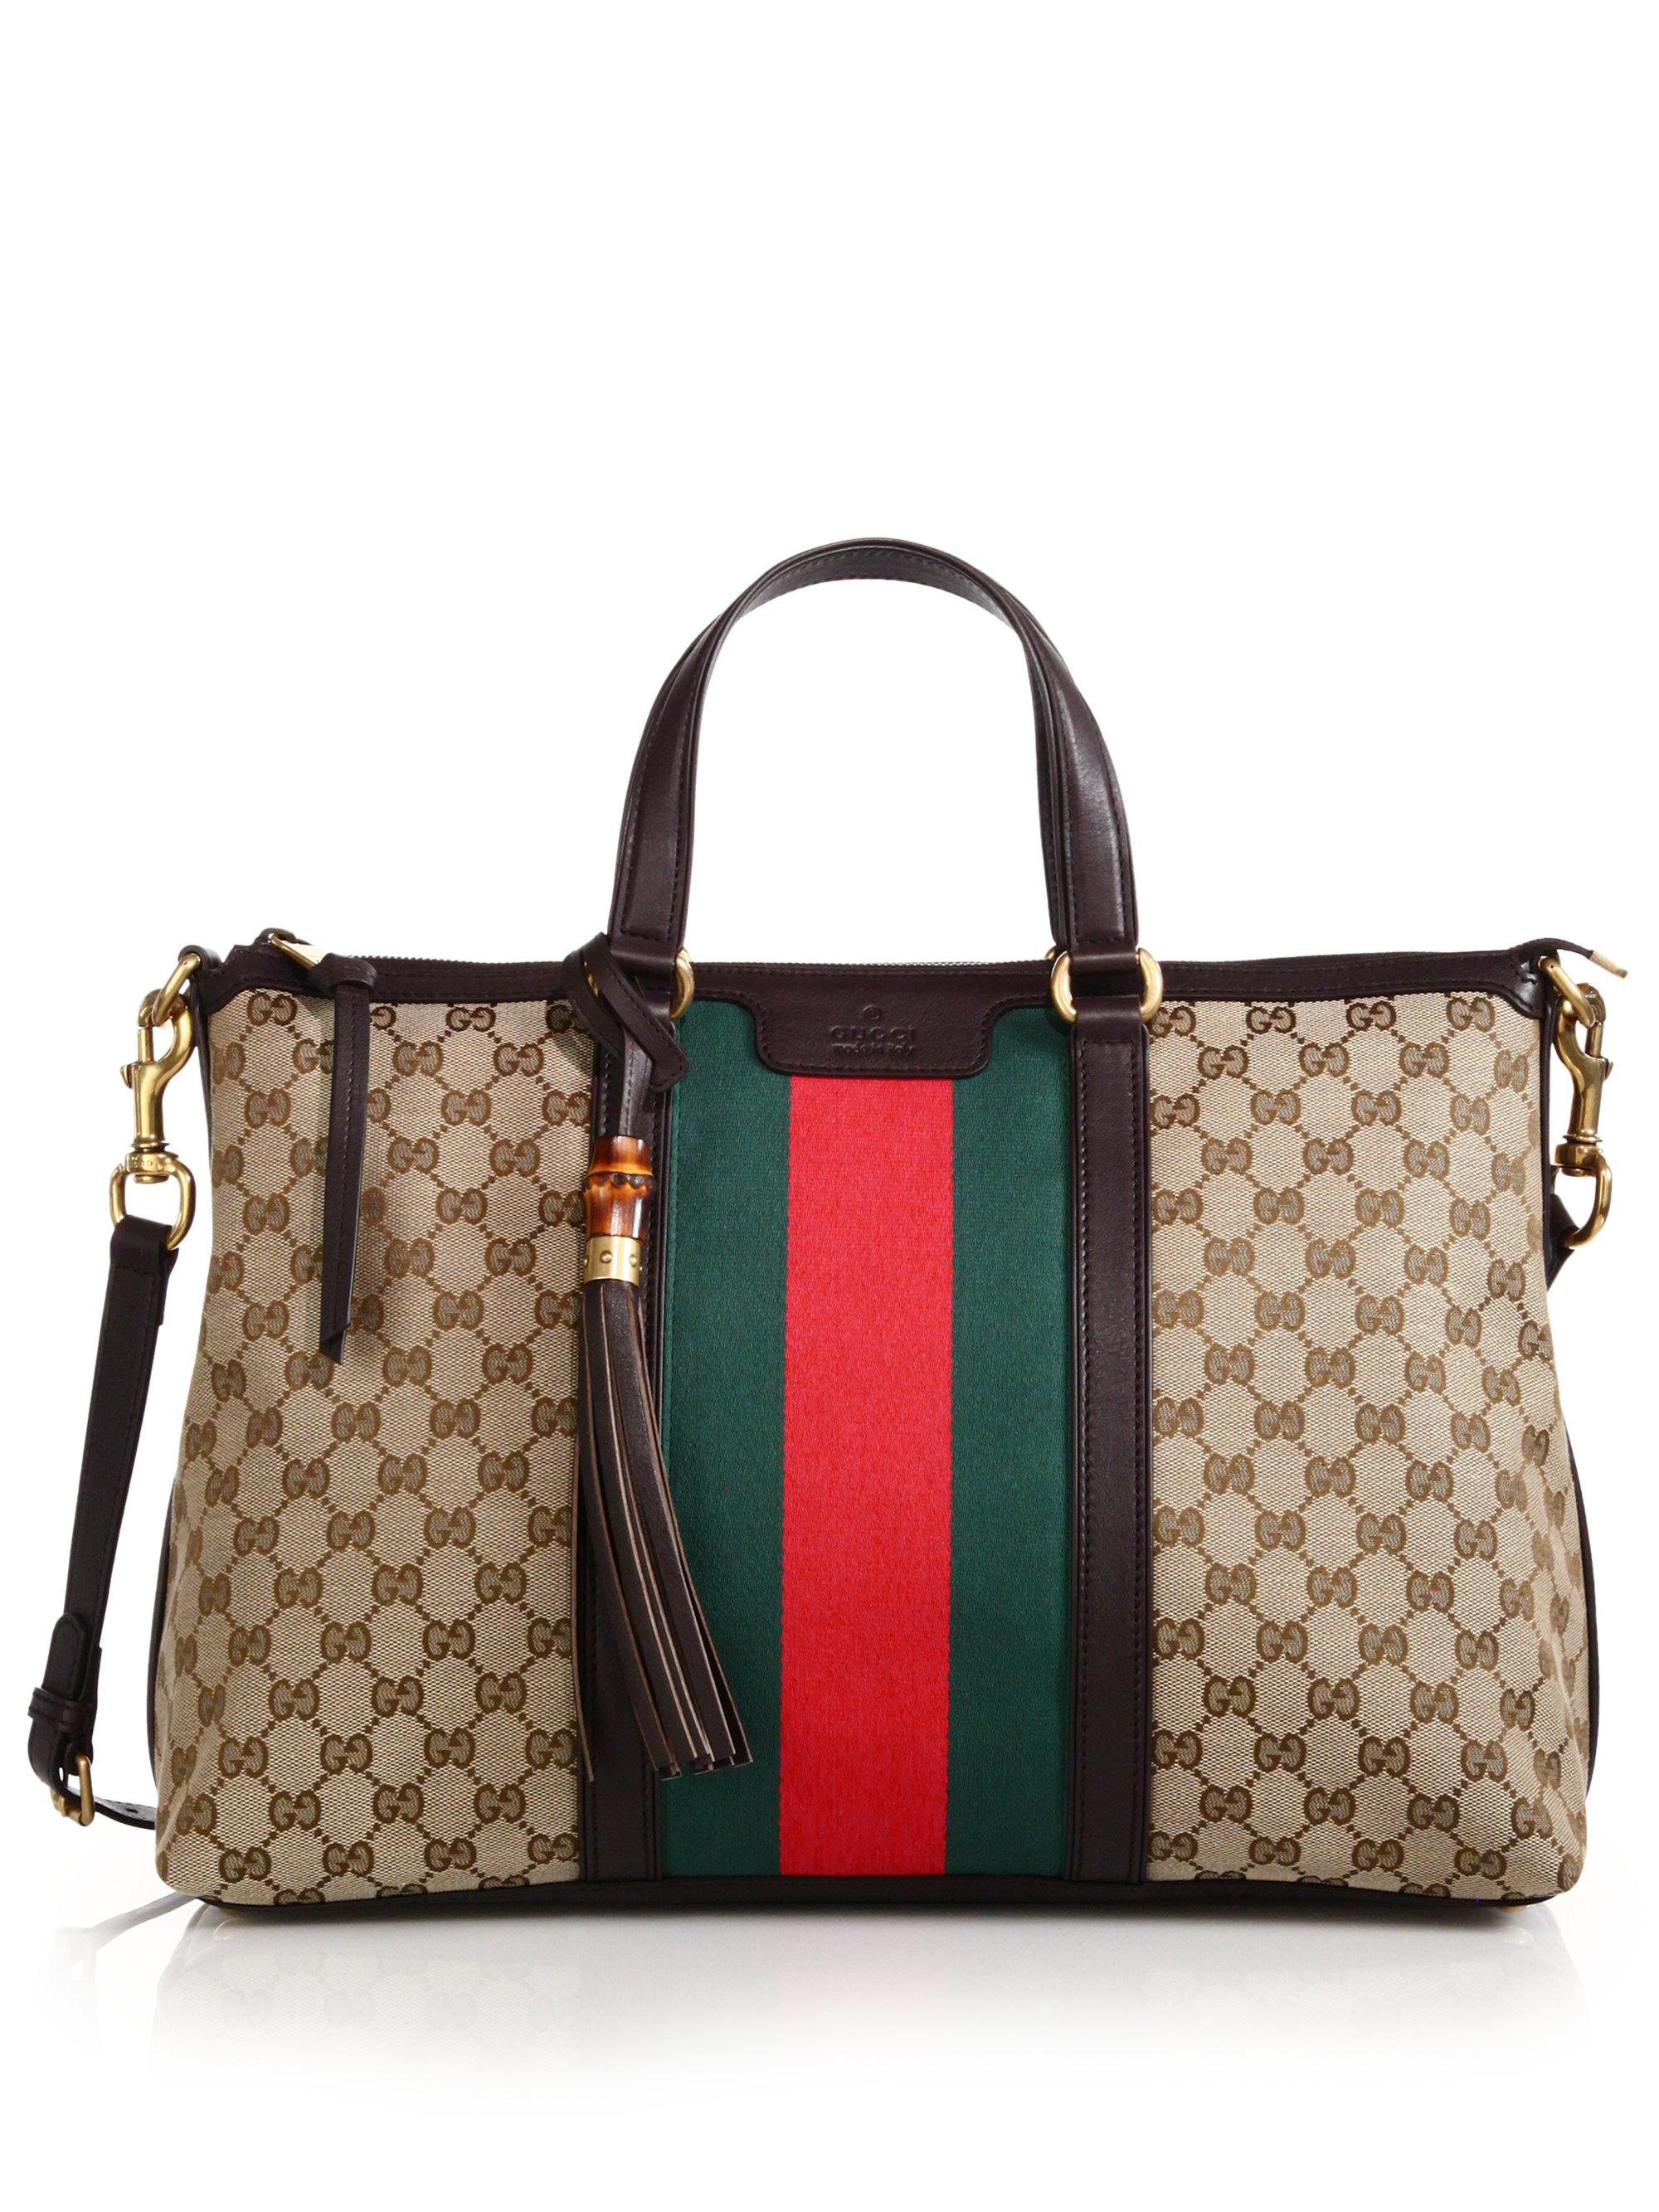 c0725b1579e2de Gucci Rania Original Gg Canvas Medium Top-handle Bag - Lyst